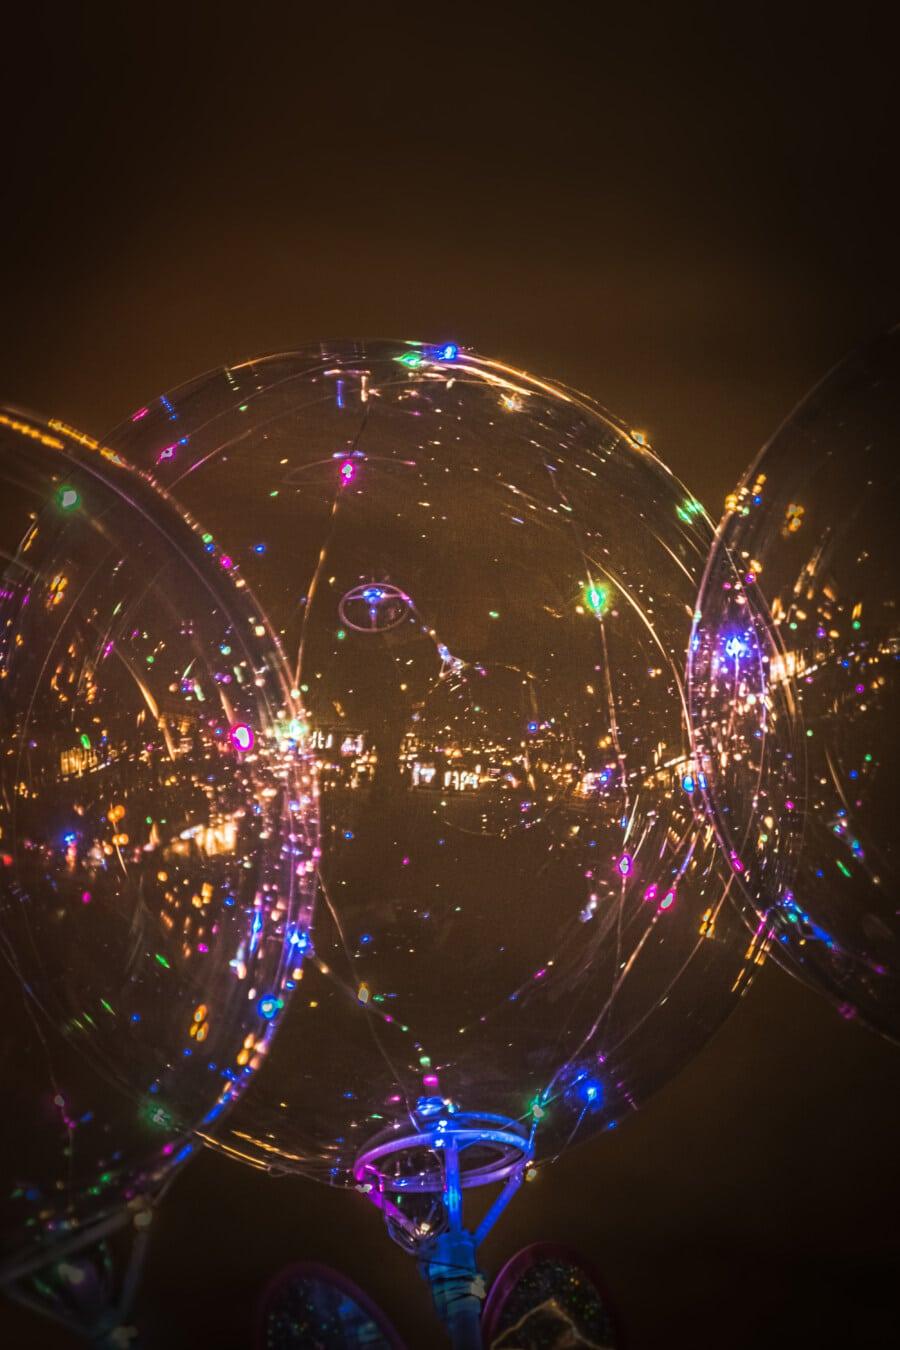 bunte, transparente, Spielzeug, Lichter, Beleuchtung, Ballon, Nacht, Laser, Licht, hell